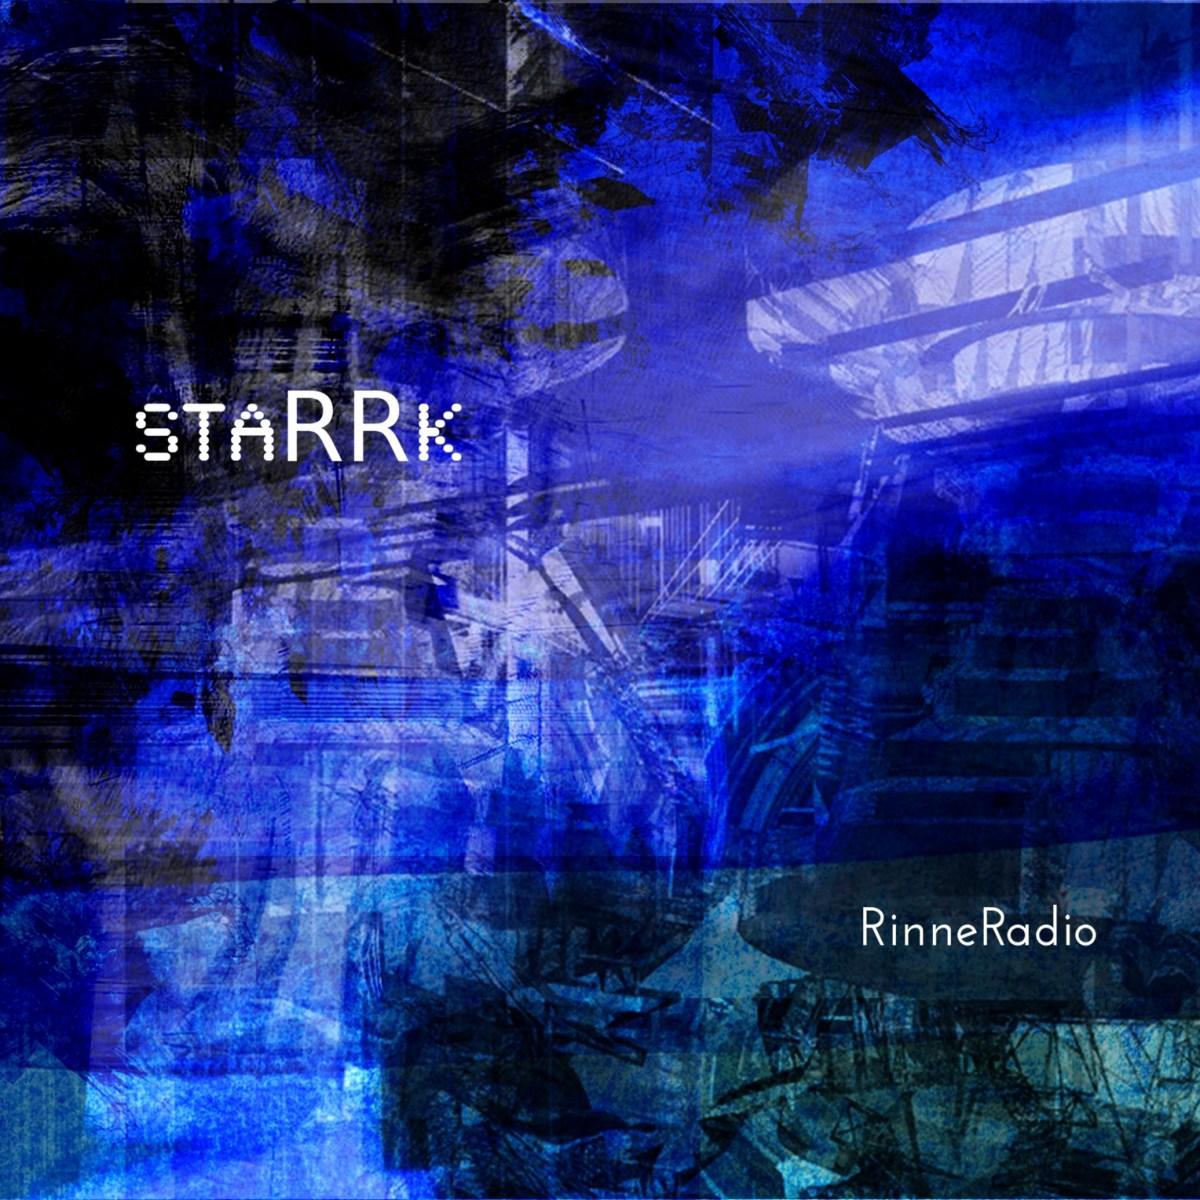 starrk_kansi_pelkka